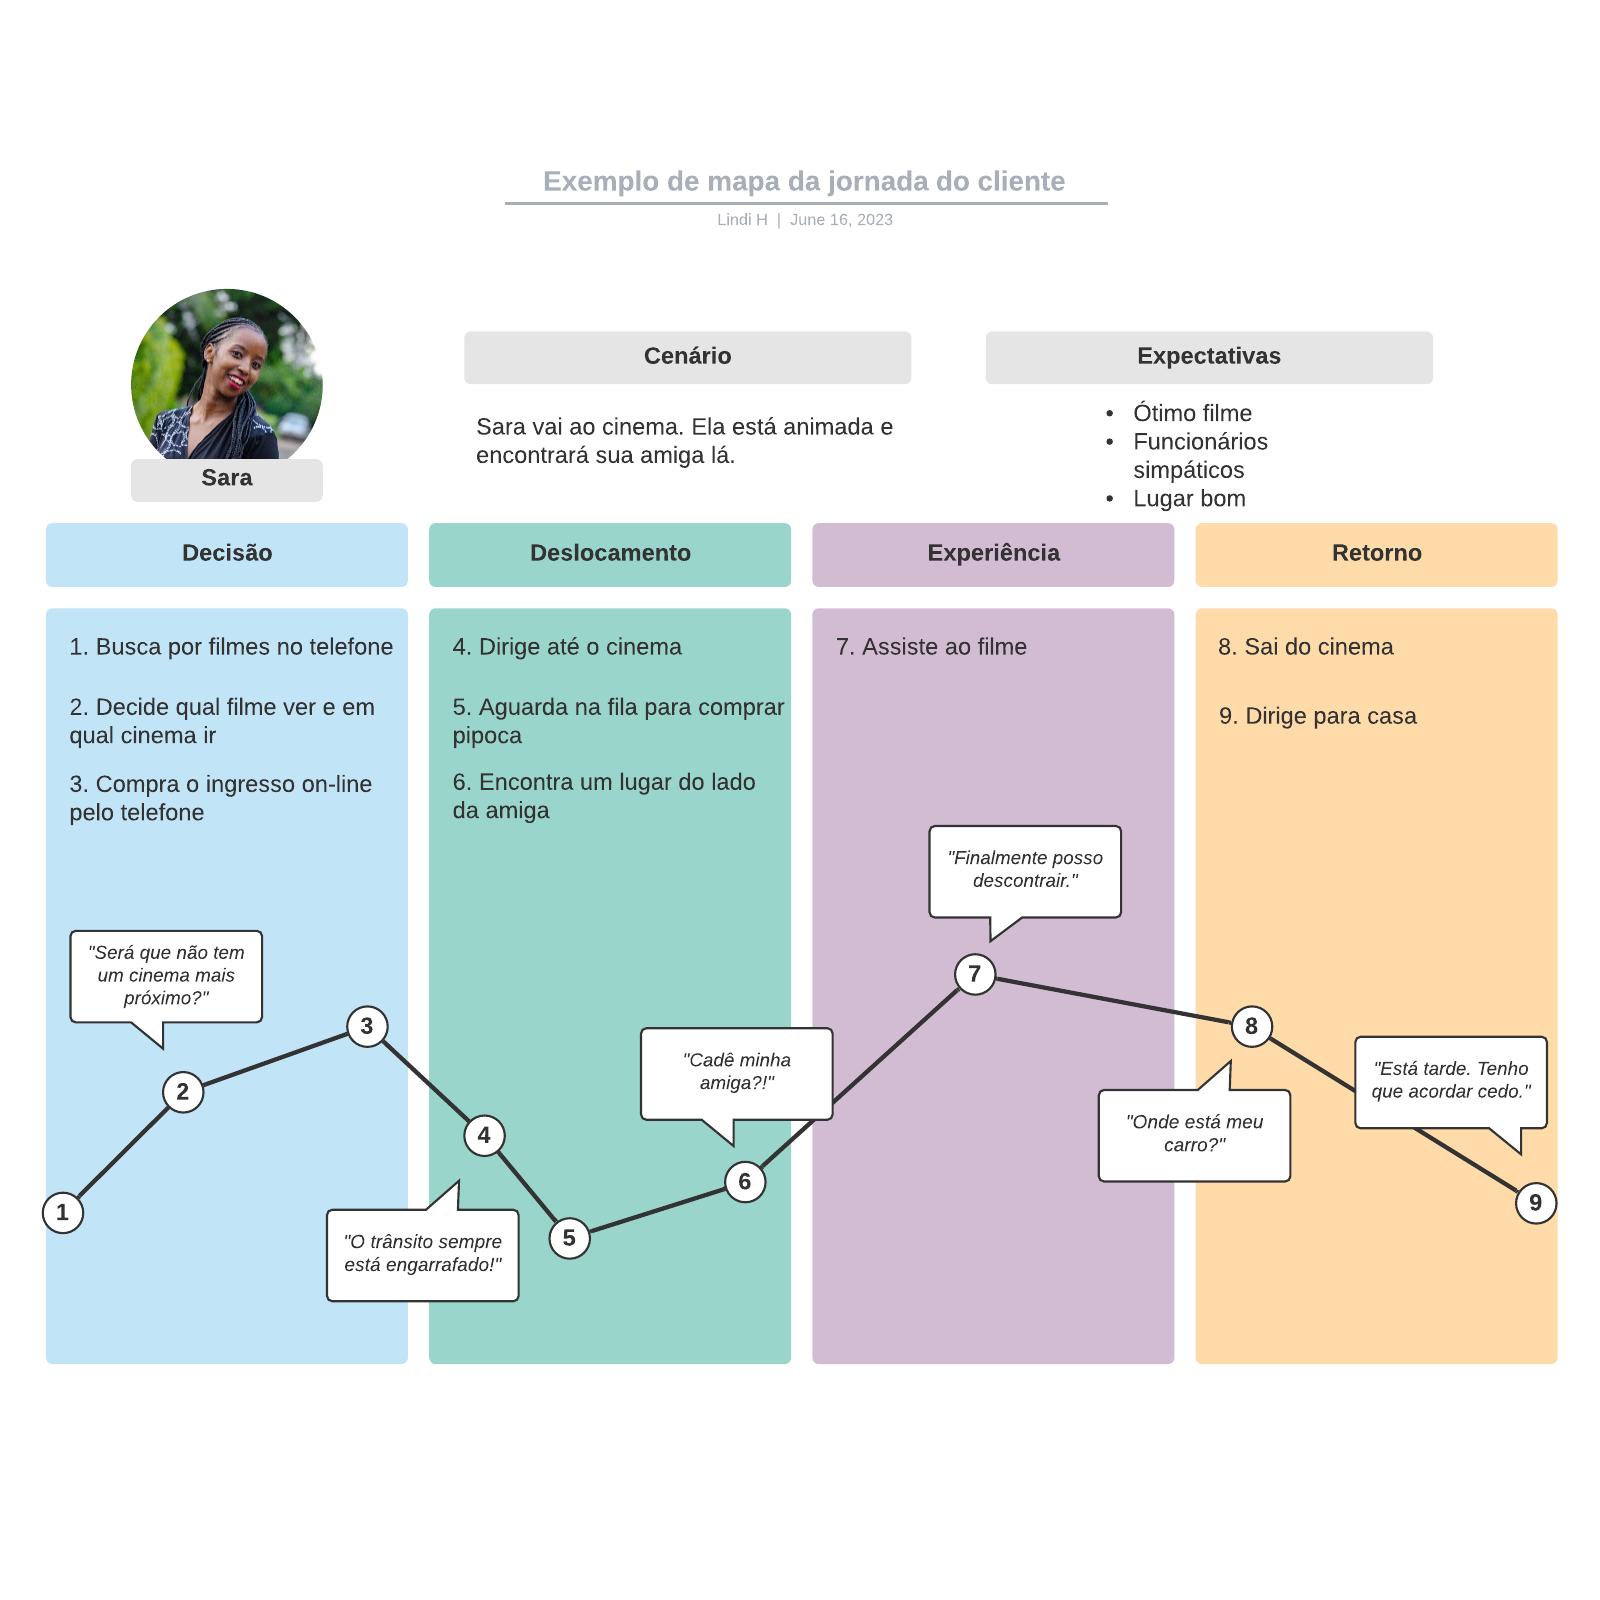 Exemplo de mapa da jornada do cliente